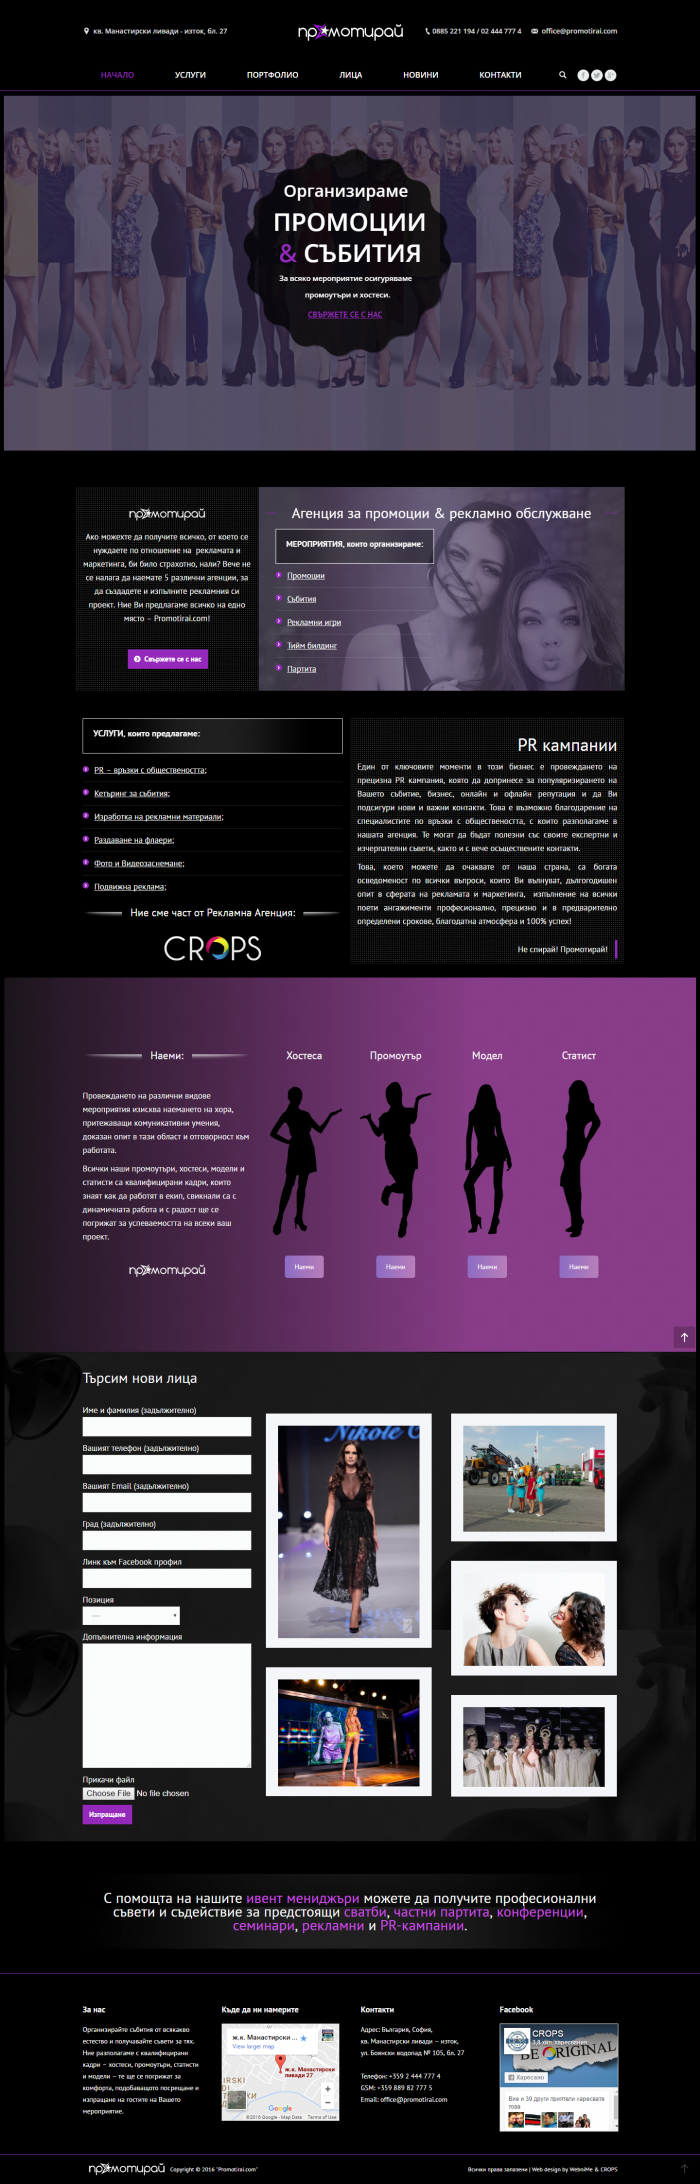 Сайт за организиране на събития и промоции, https://webnime.com